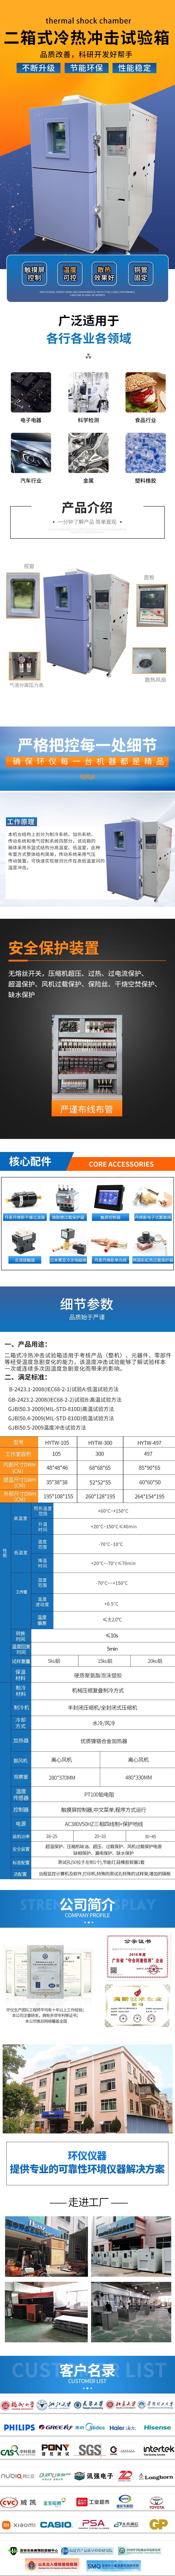 二箱式冷热冲击试验箱糺i醪蝧hu